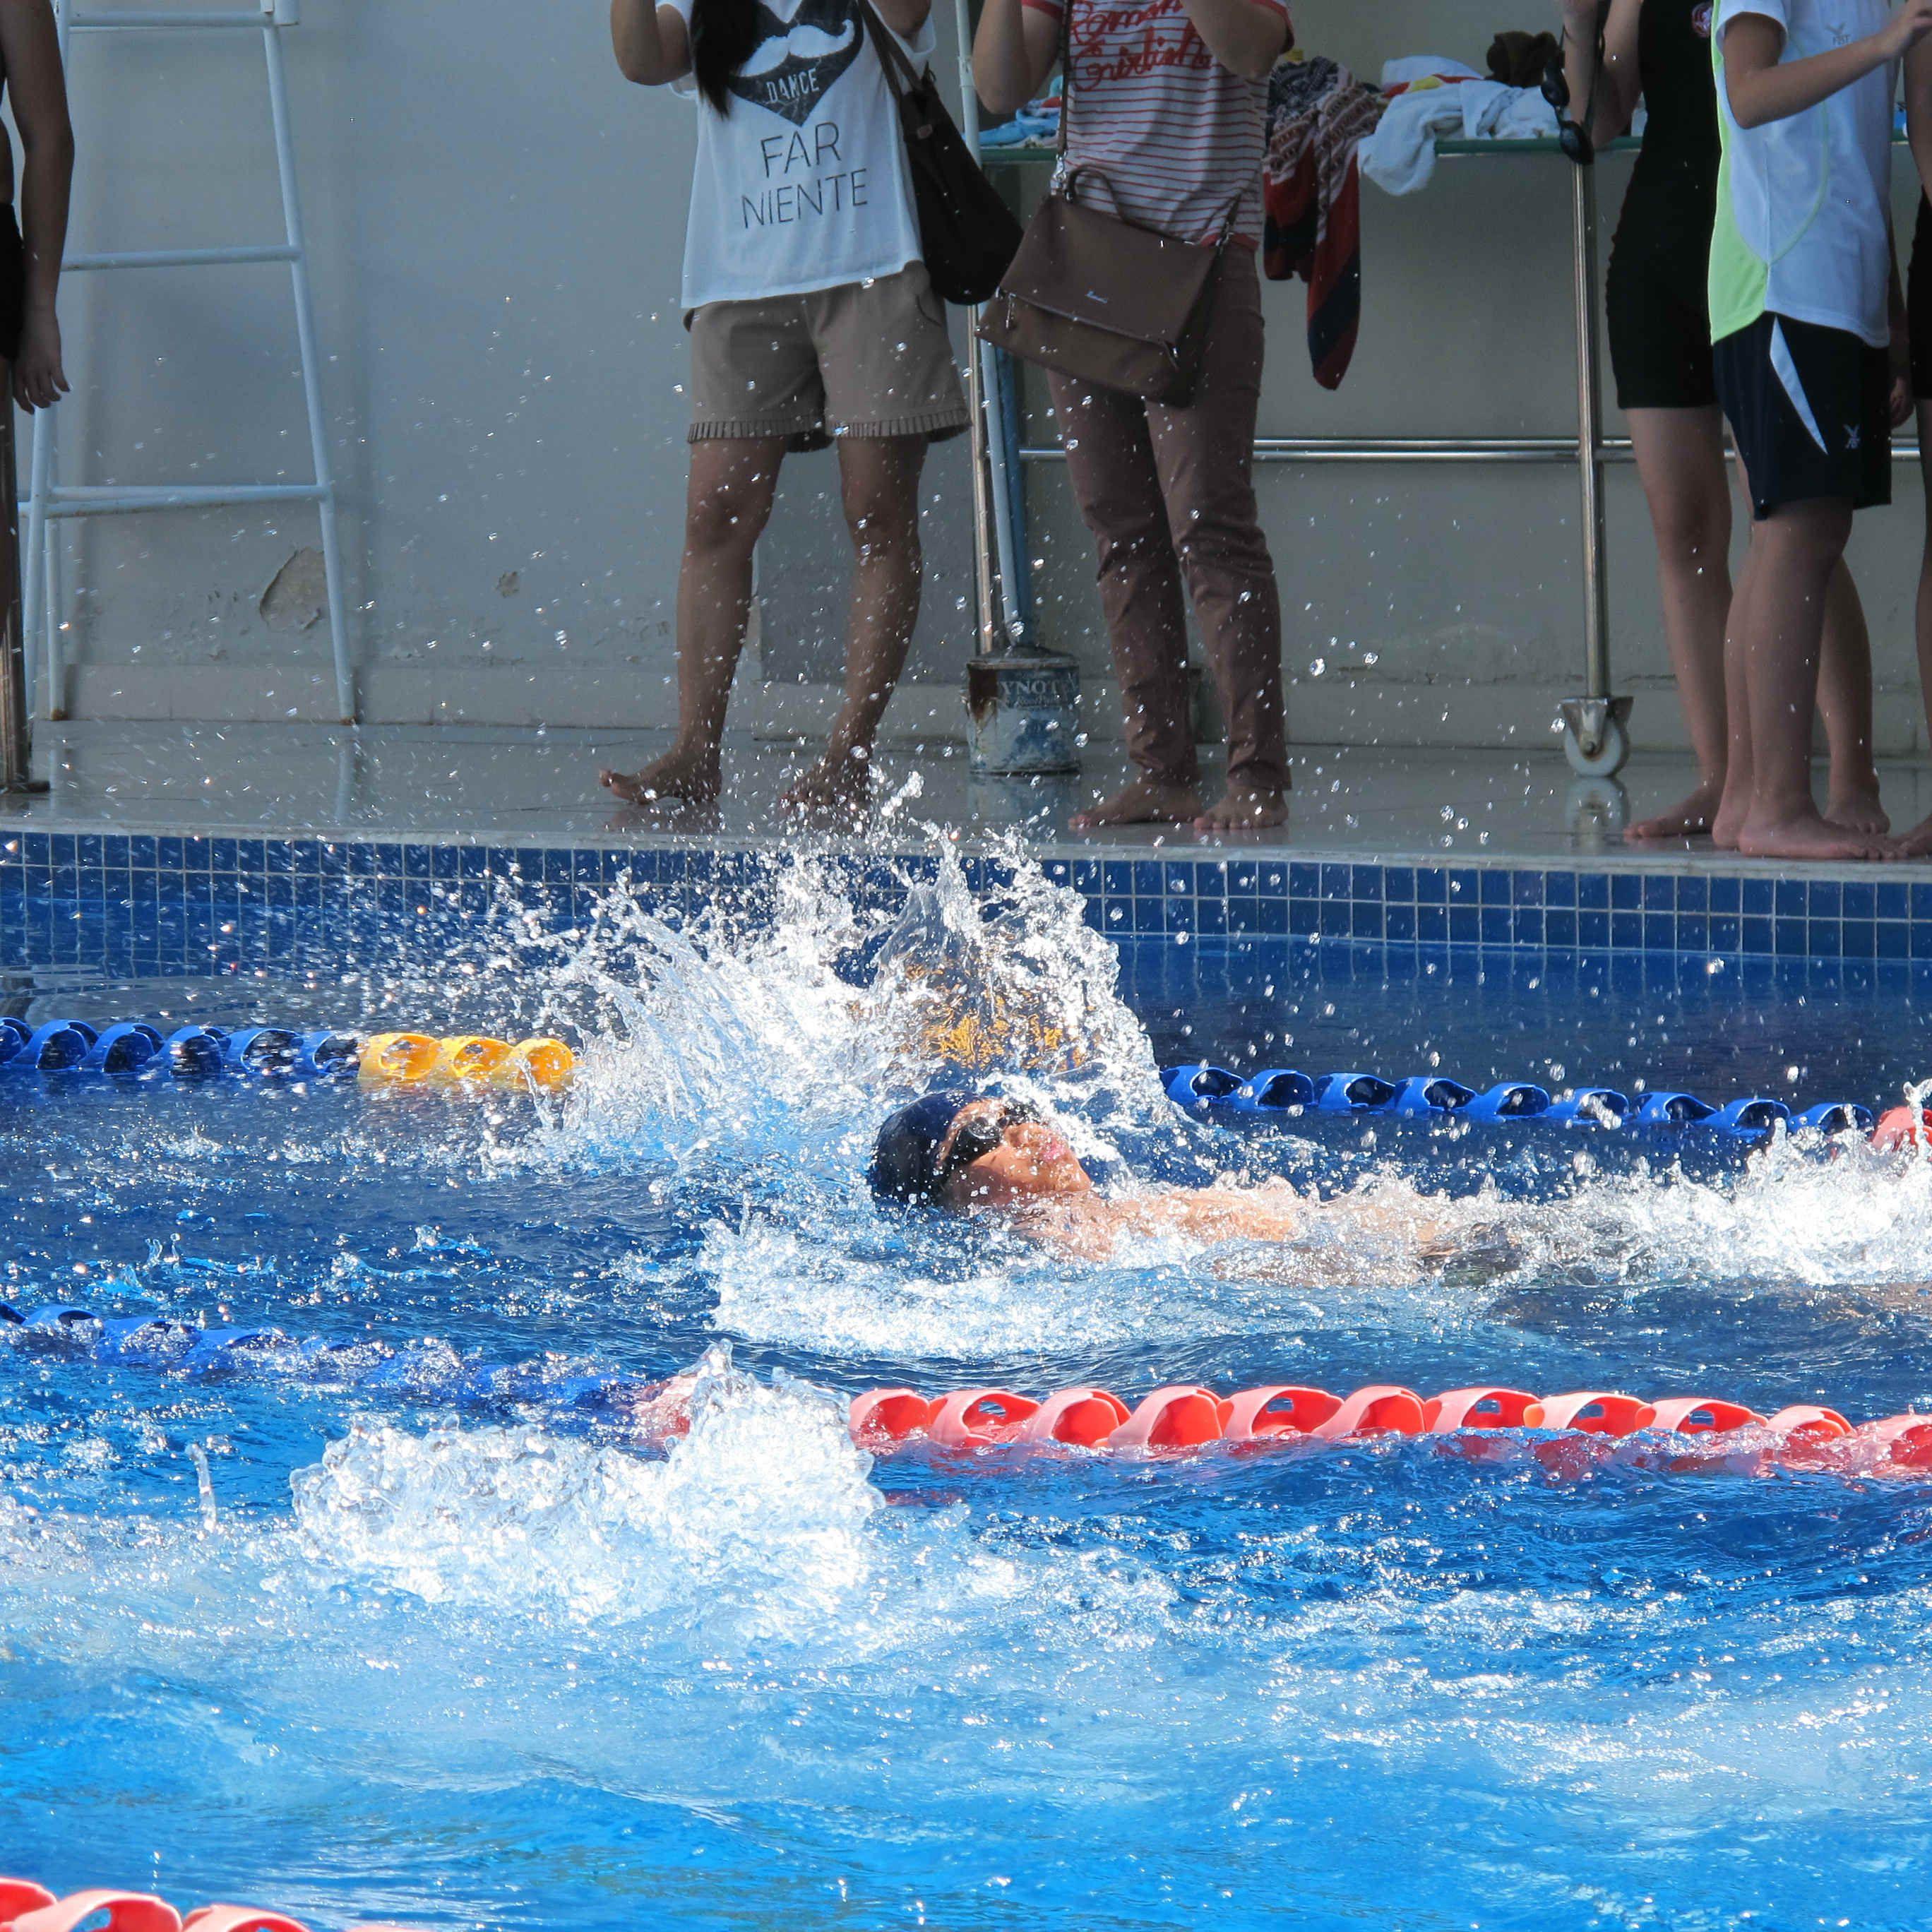 backstroke 50m